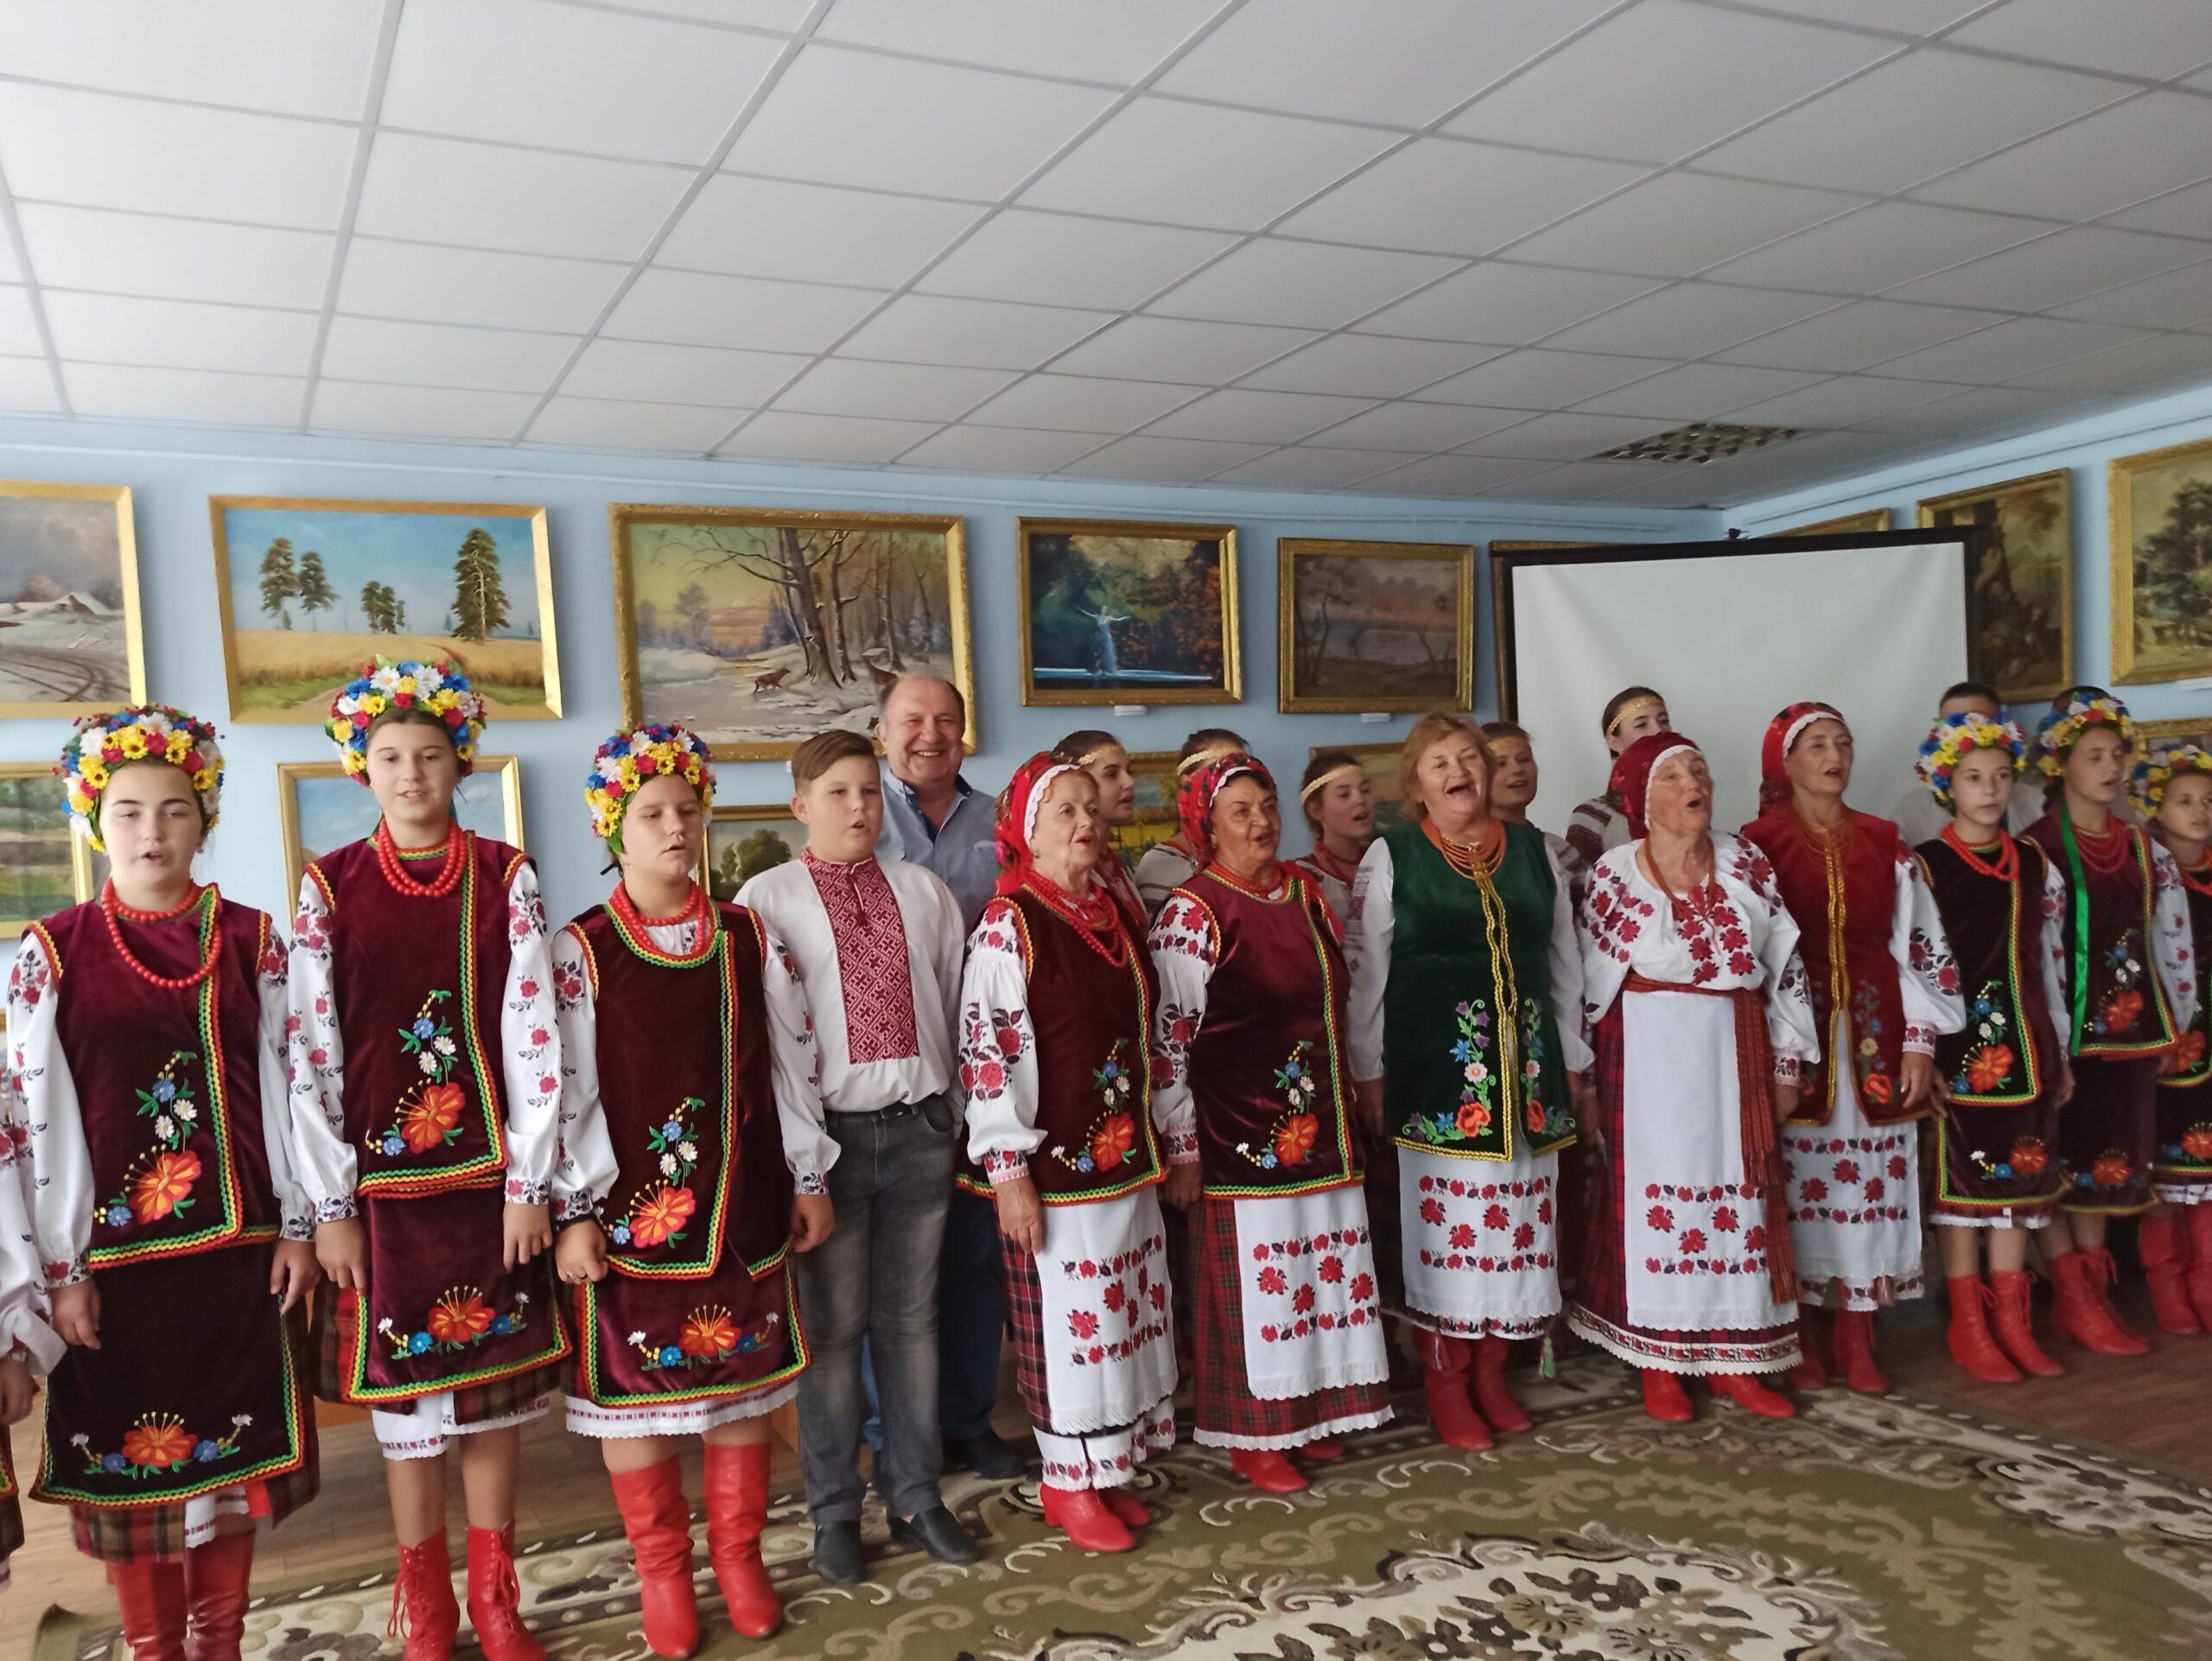 «Довгостроковість традицій:стратегії збереження і популяризації нематеріальної культурної спадщини Дніпропетровщини»